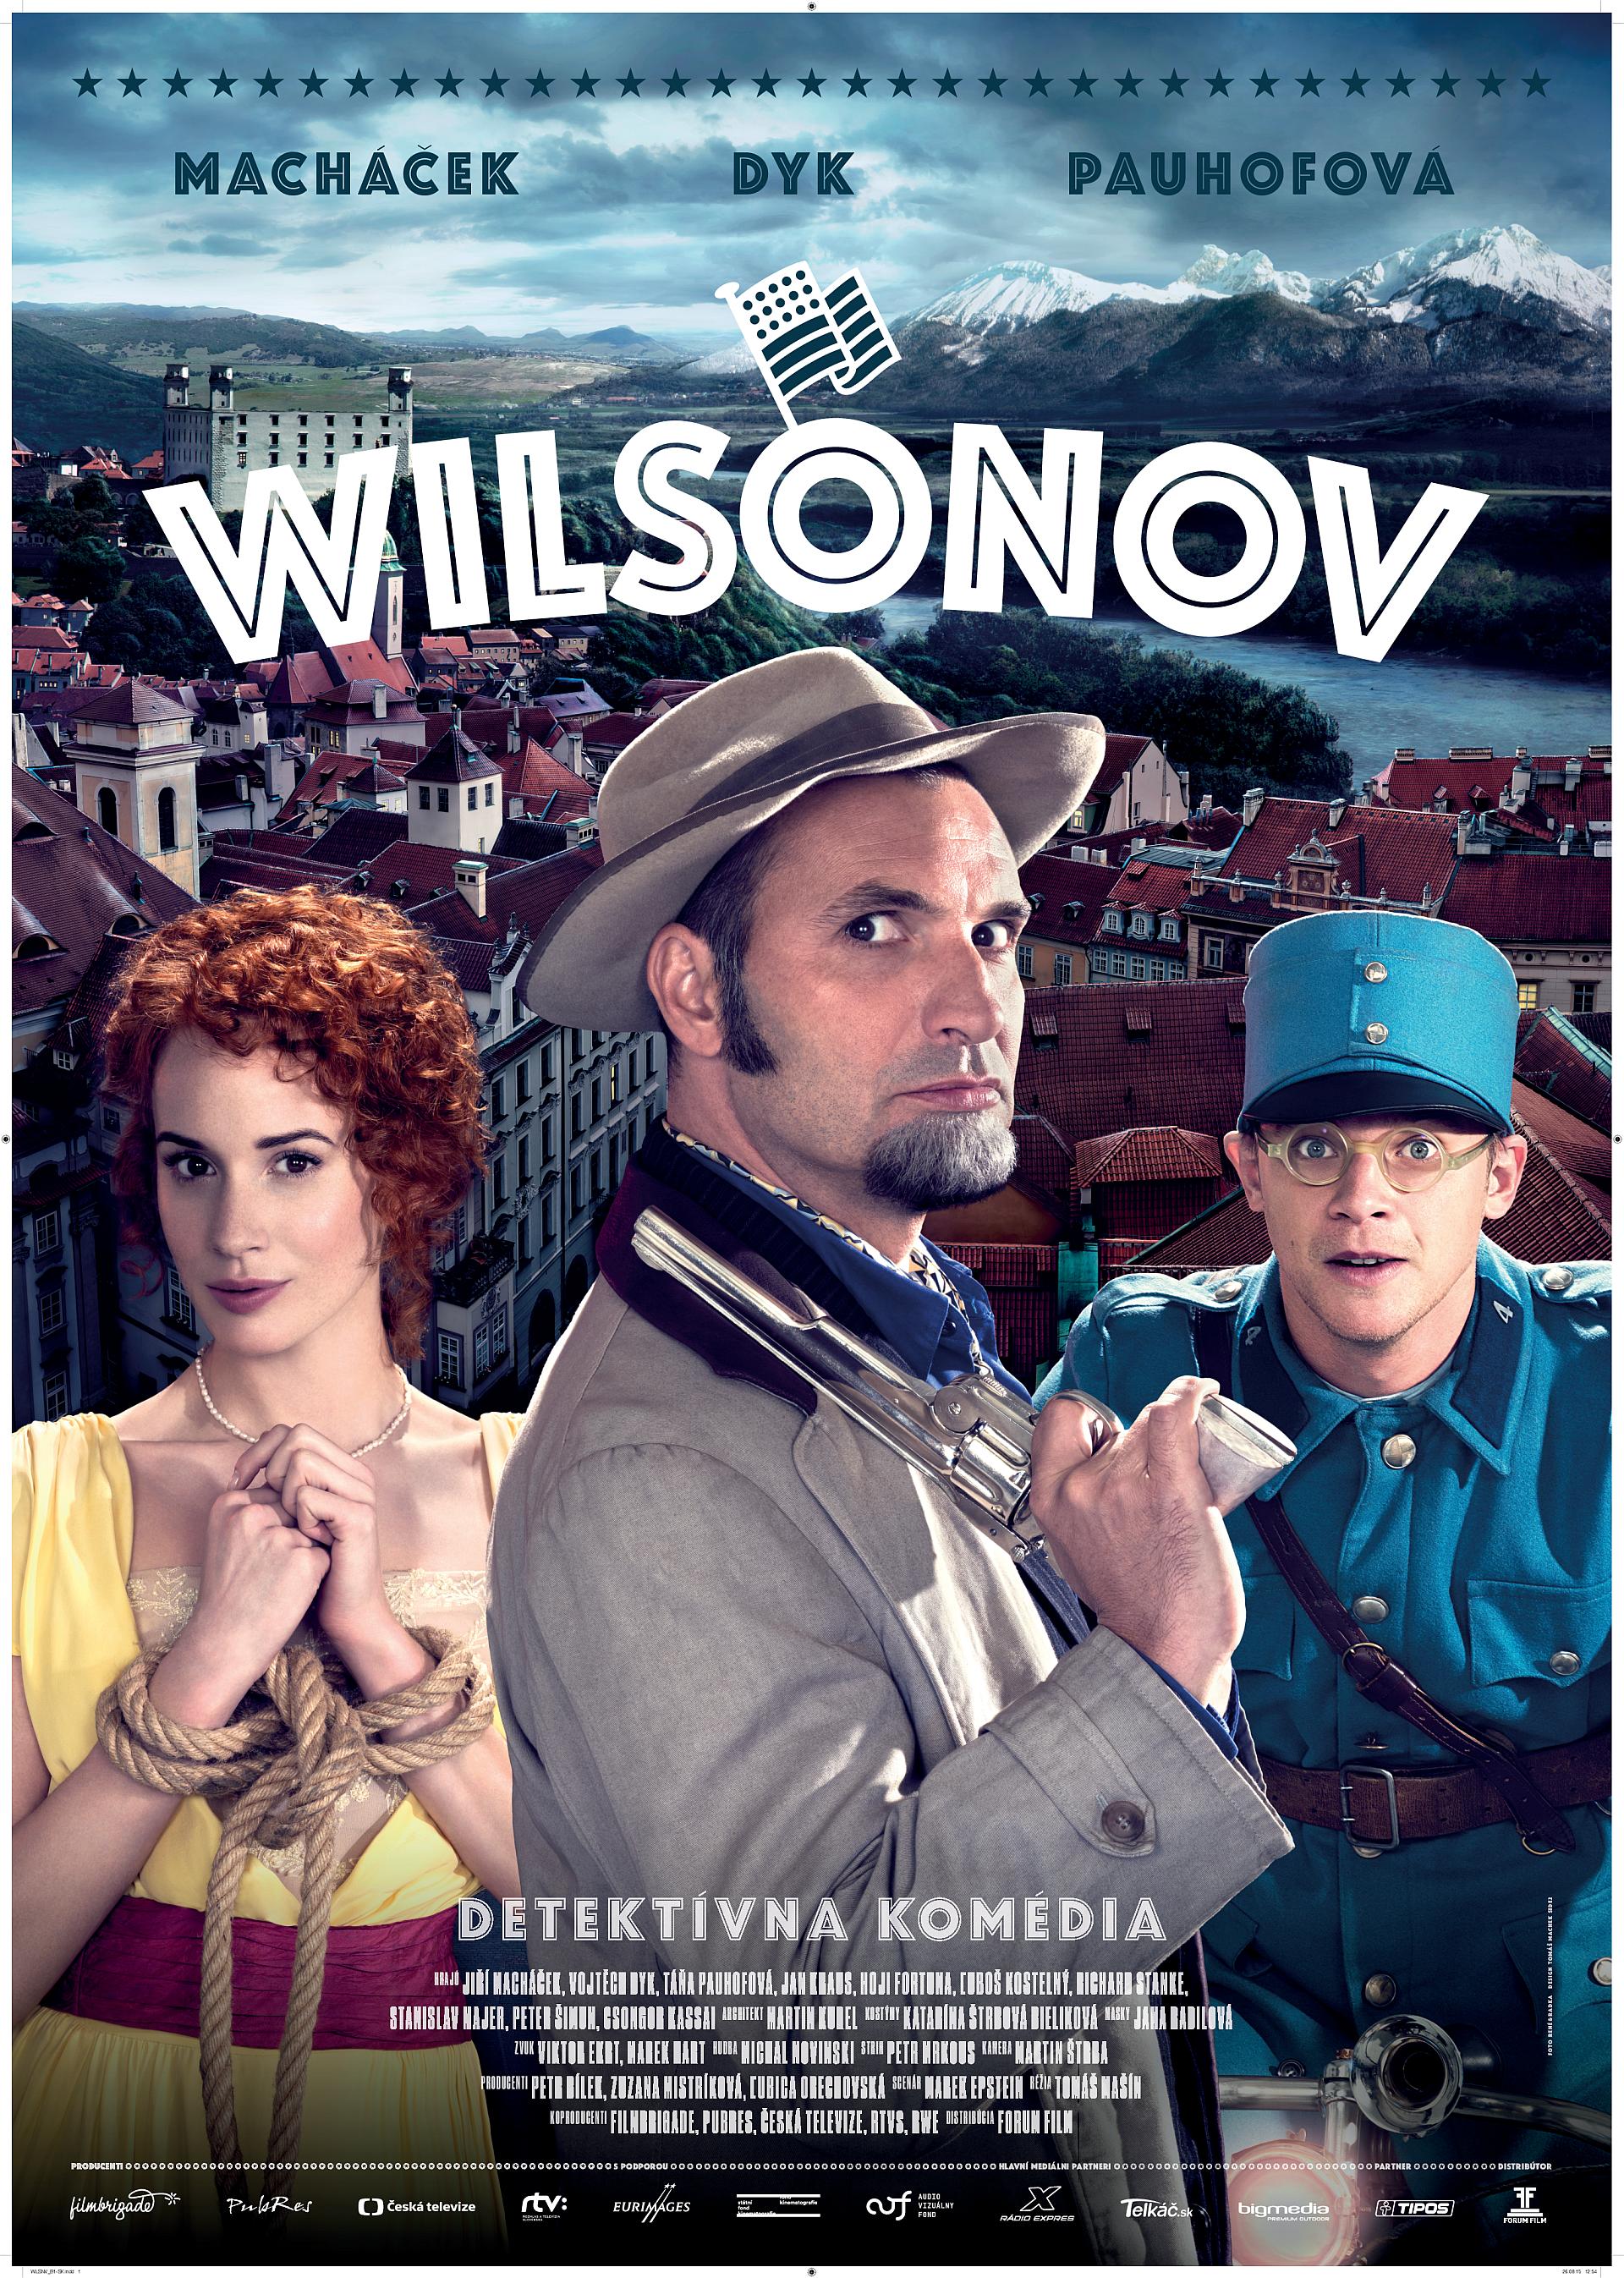 Slovenský plagát k filmu Wilsonov:   Jiří Macháček (v strede), Táňa Pauhofová (vľavo) a Vojtěch Dyk (vpravo).